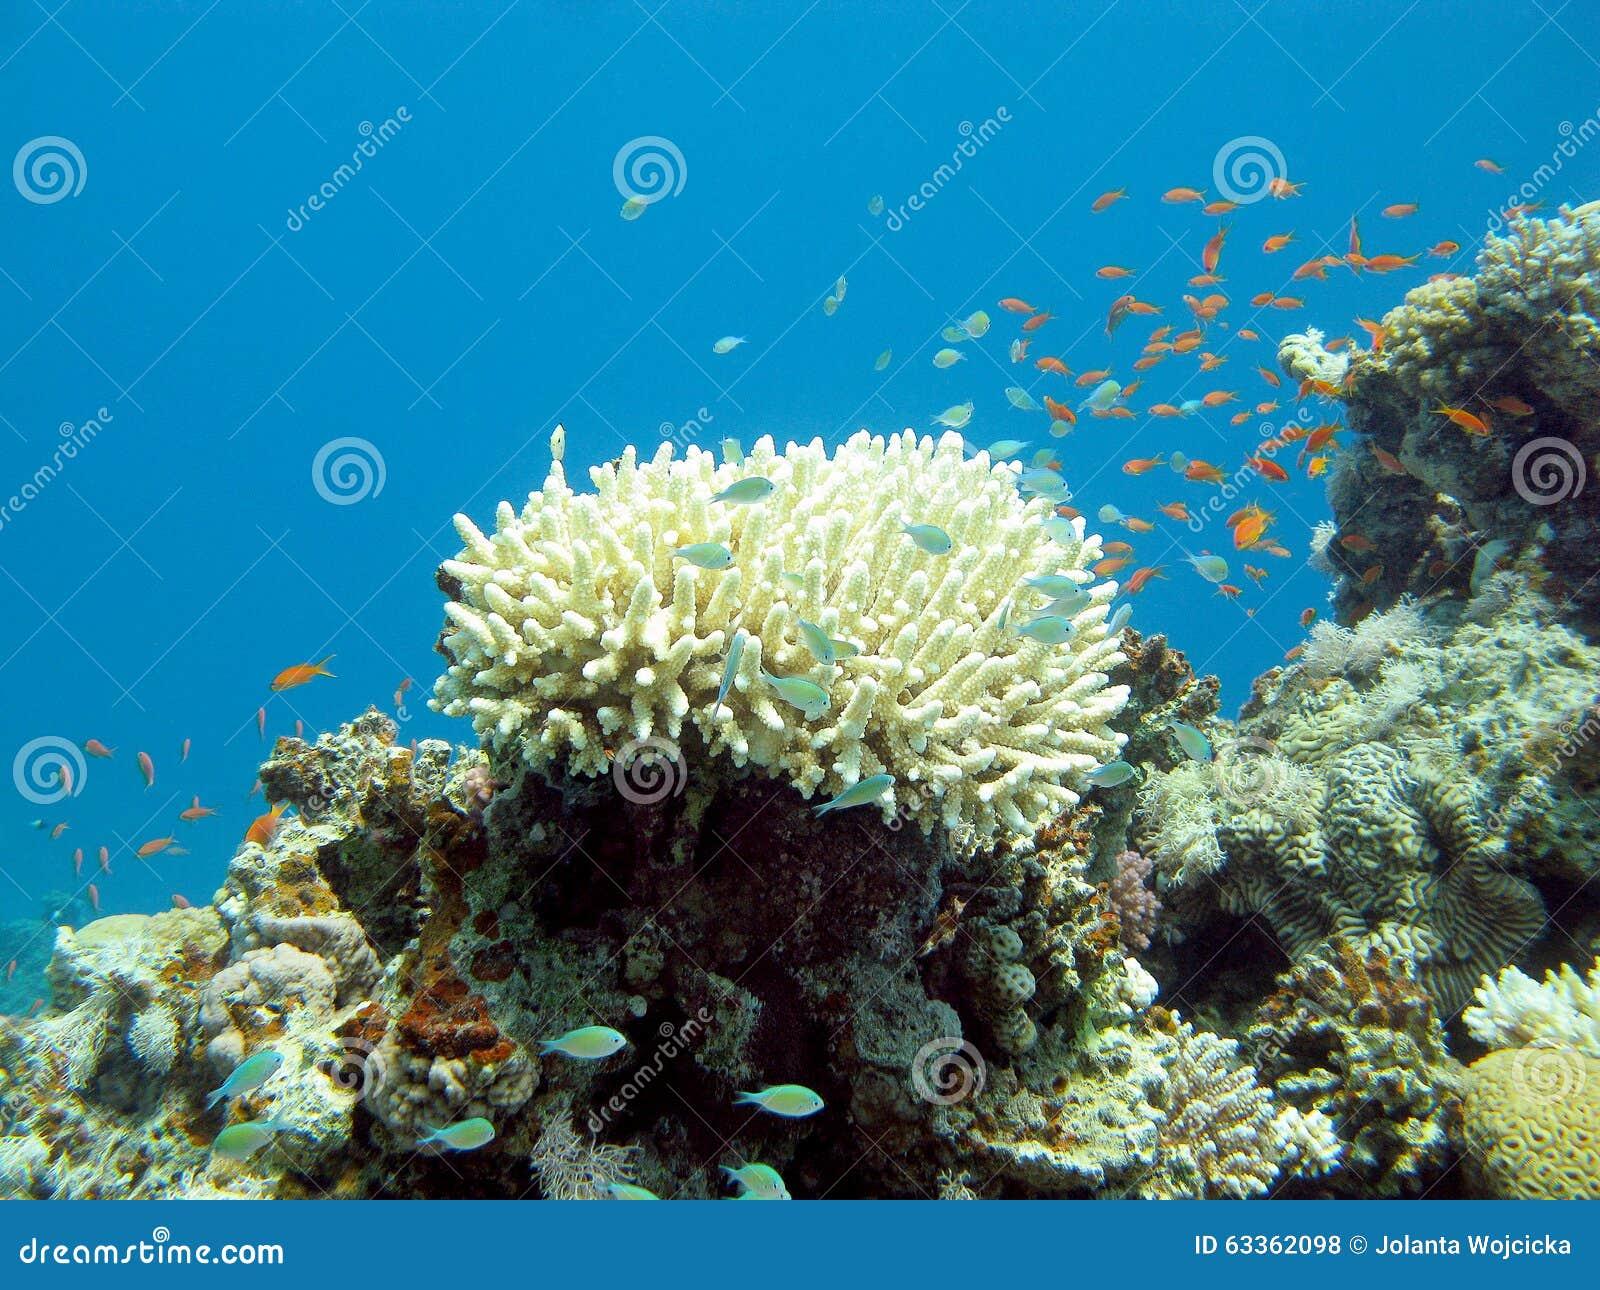 Recife de corais com os peixes exóticos no mar tropical, subaquático